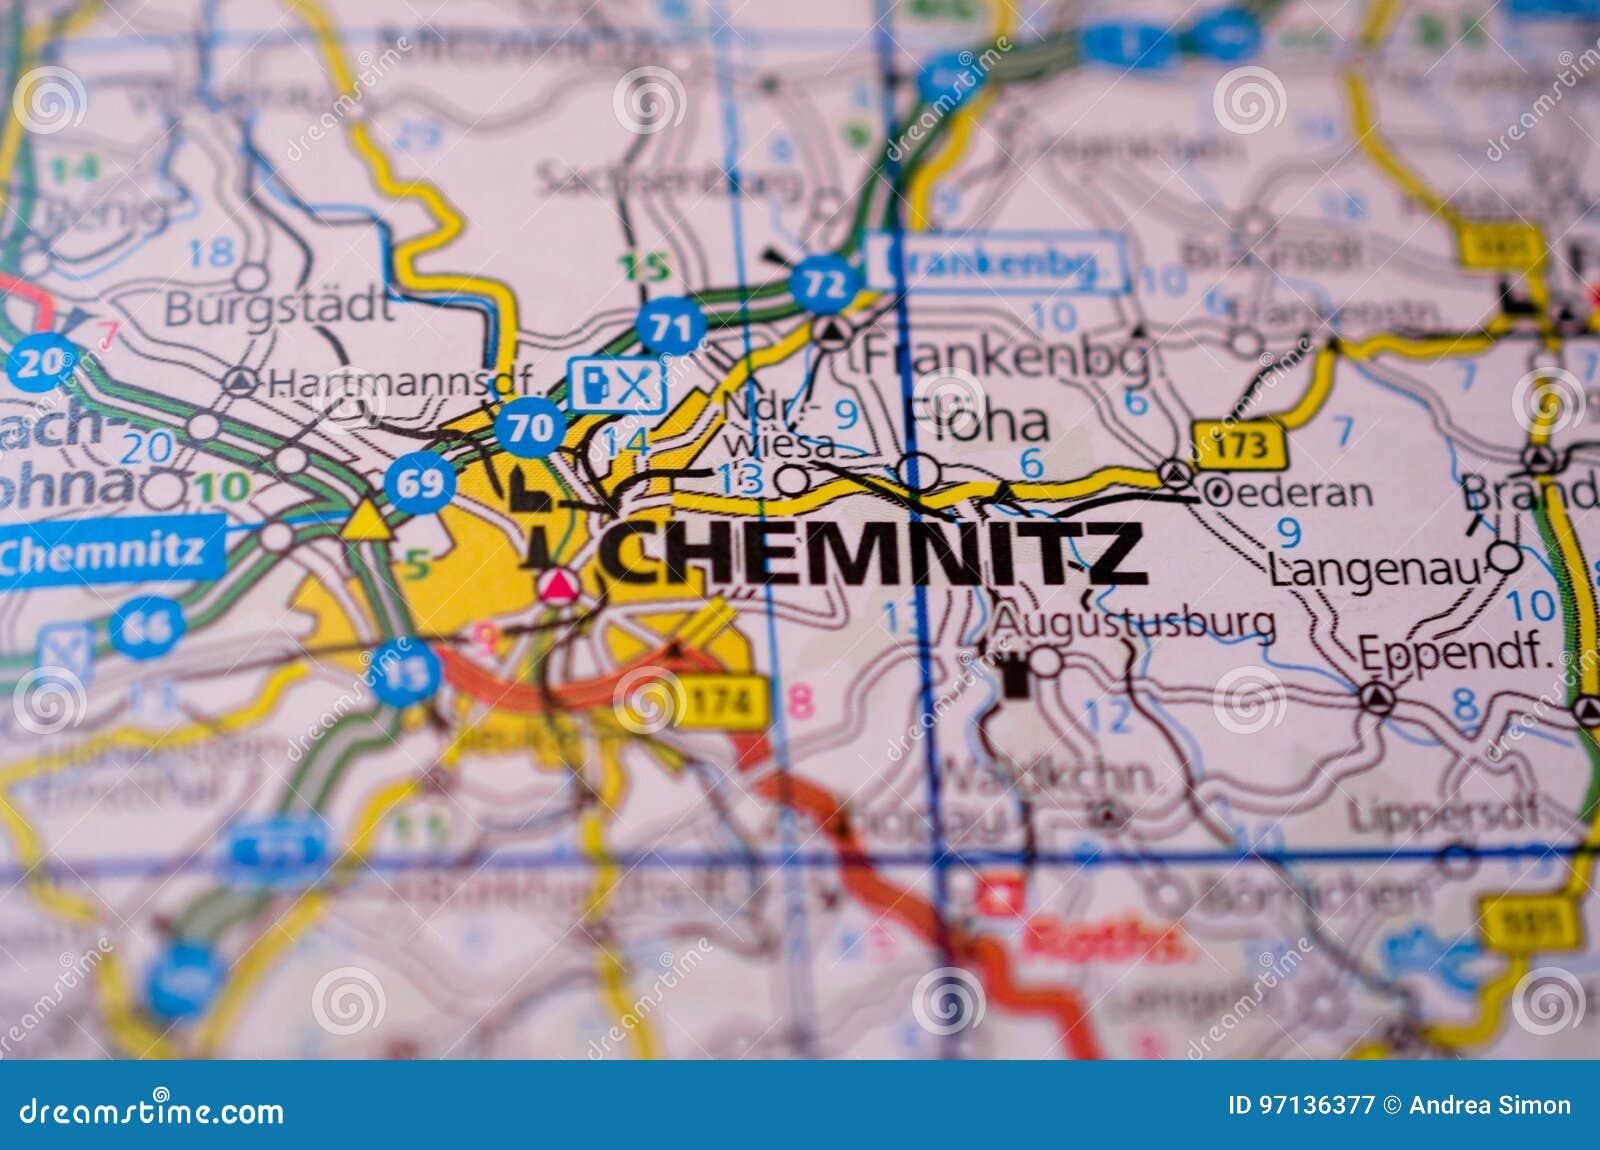 Karte Chemnitz.Chemnitz Auf Karte Stockbild Bild Von Planer Satellit